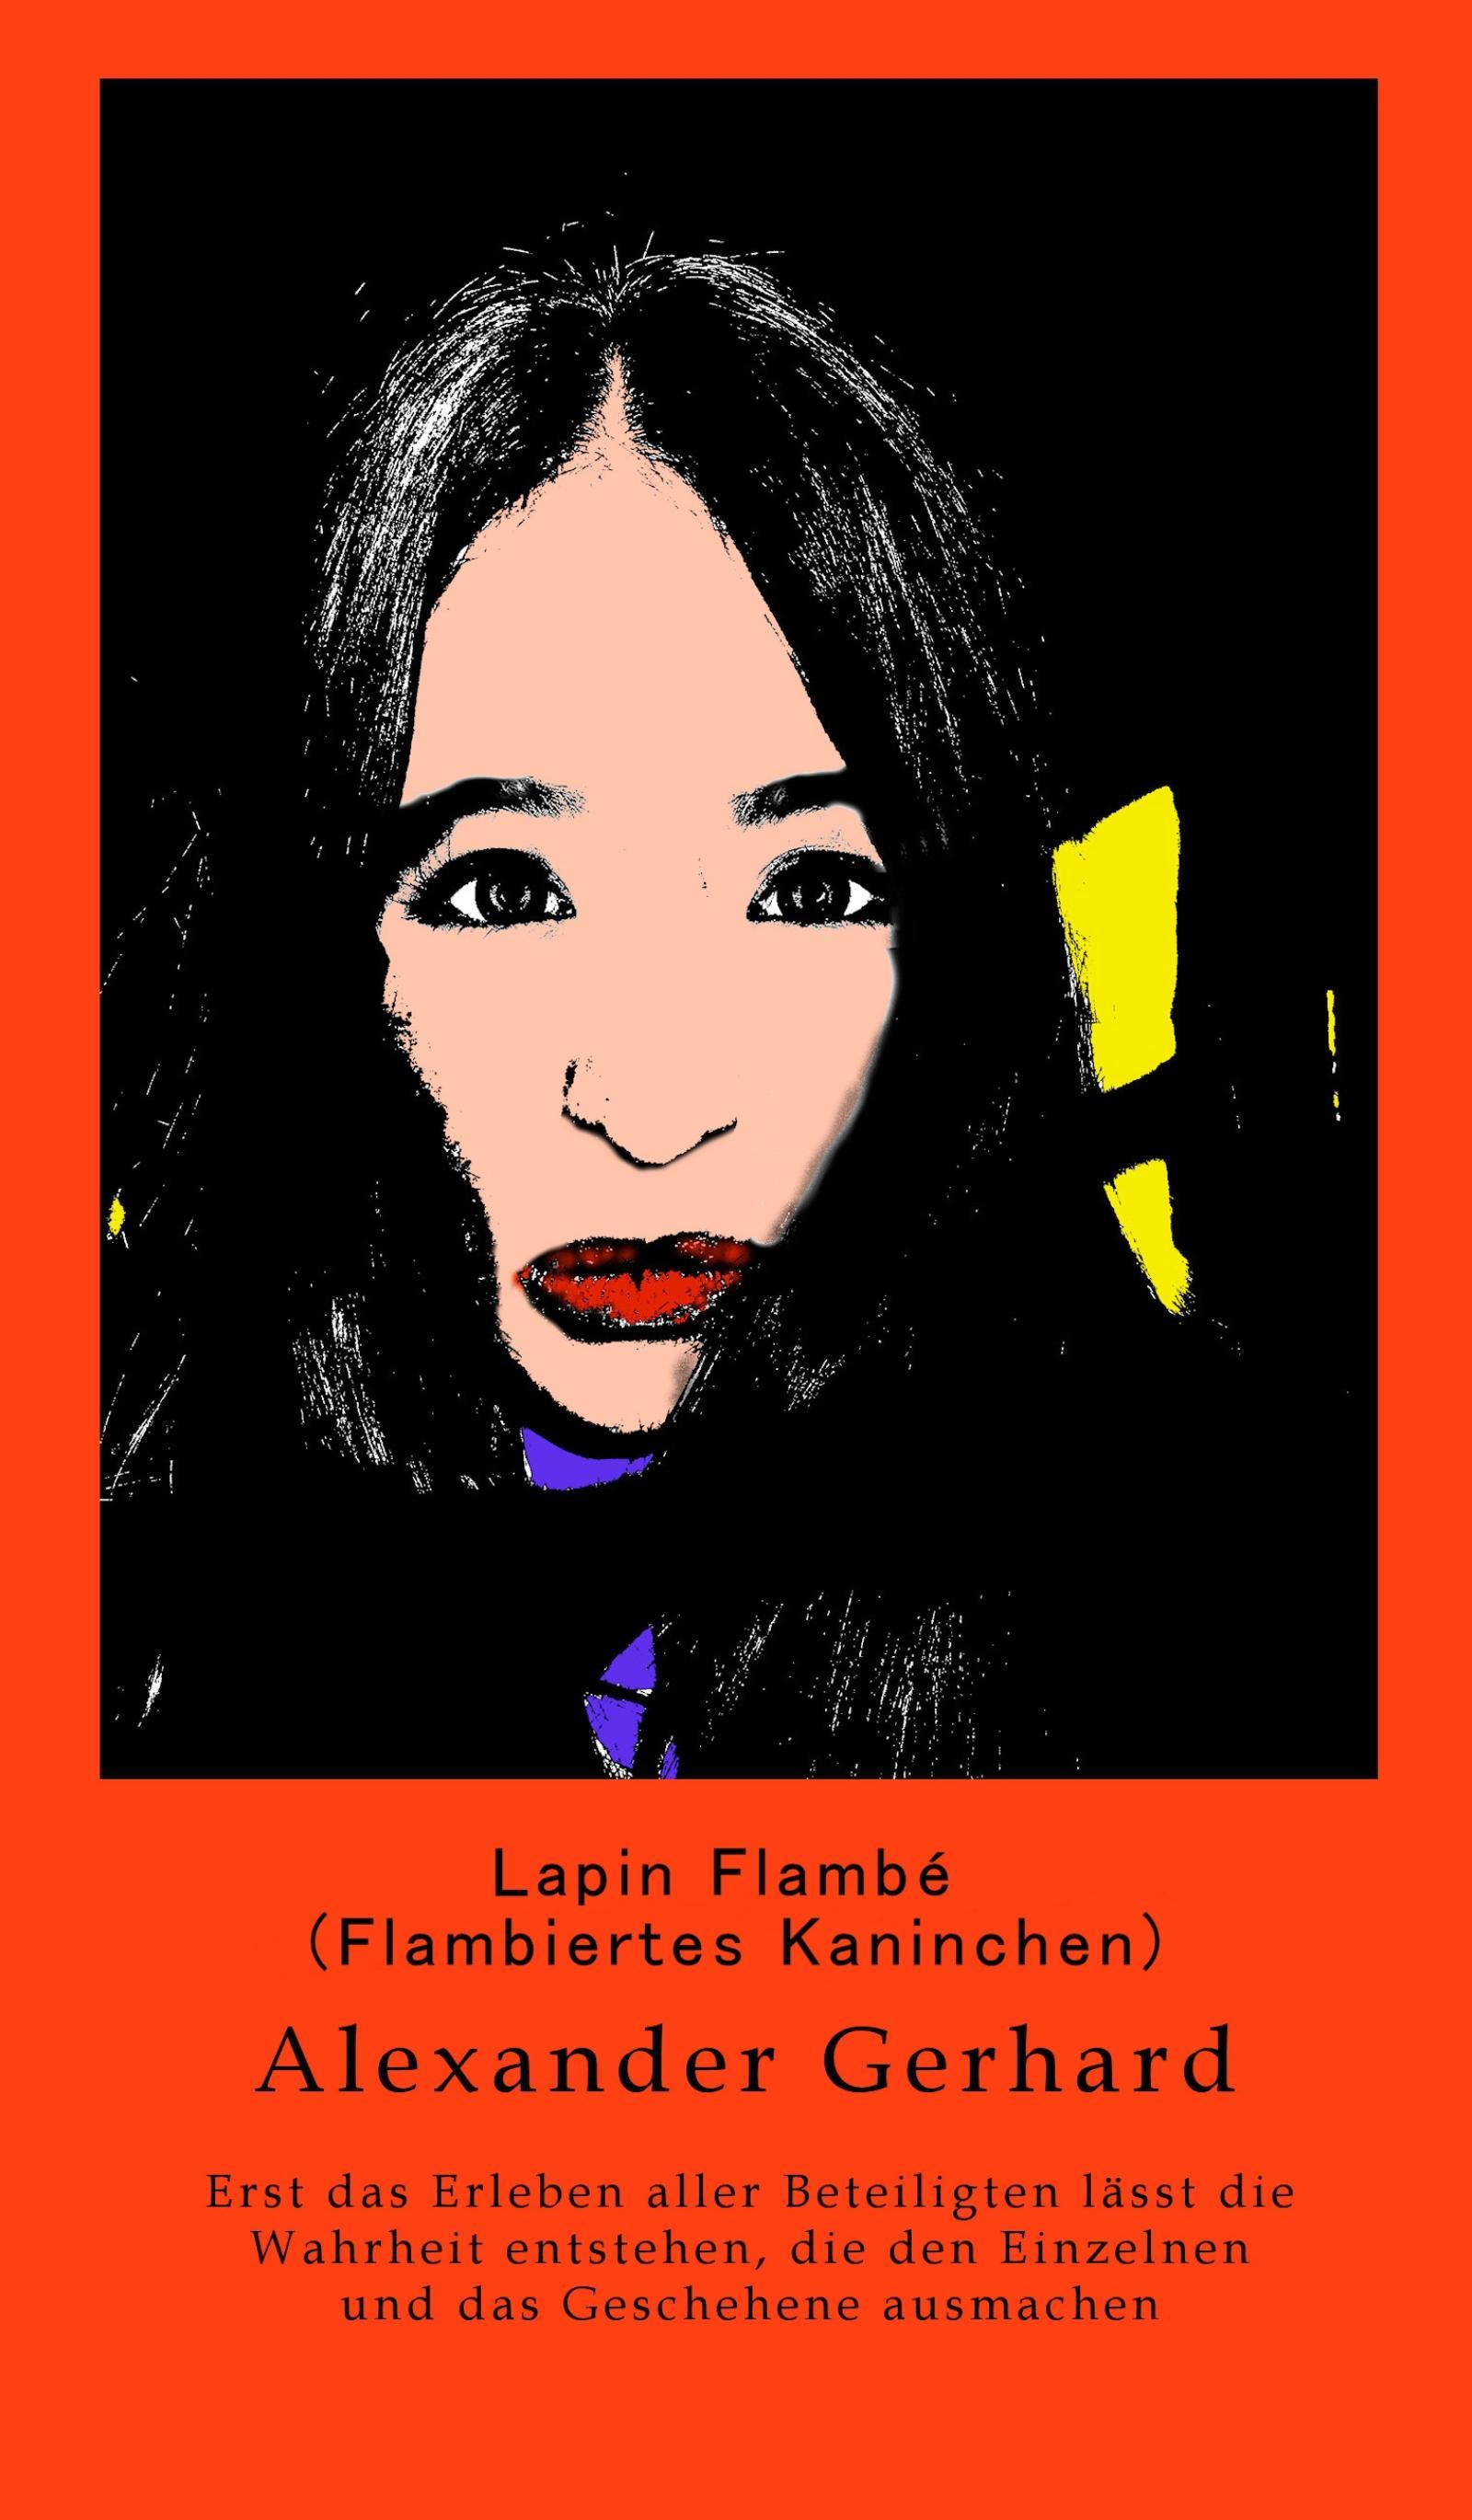 Lapin Flambé